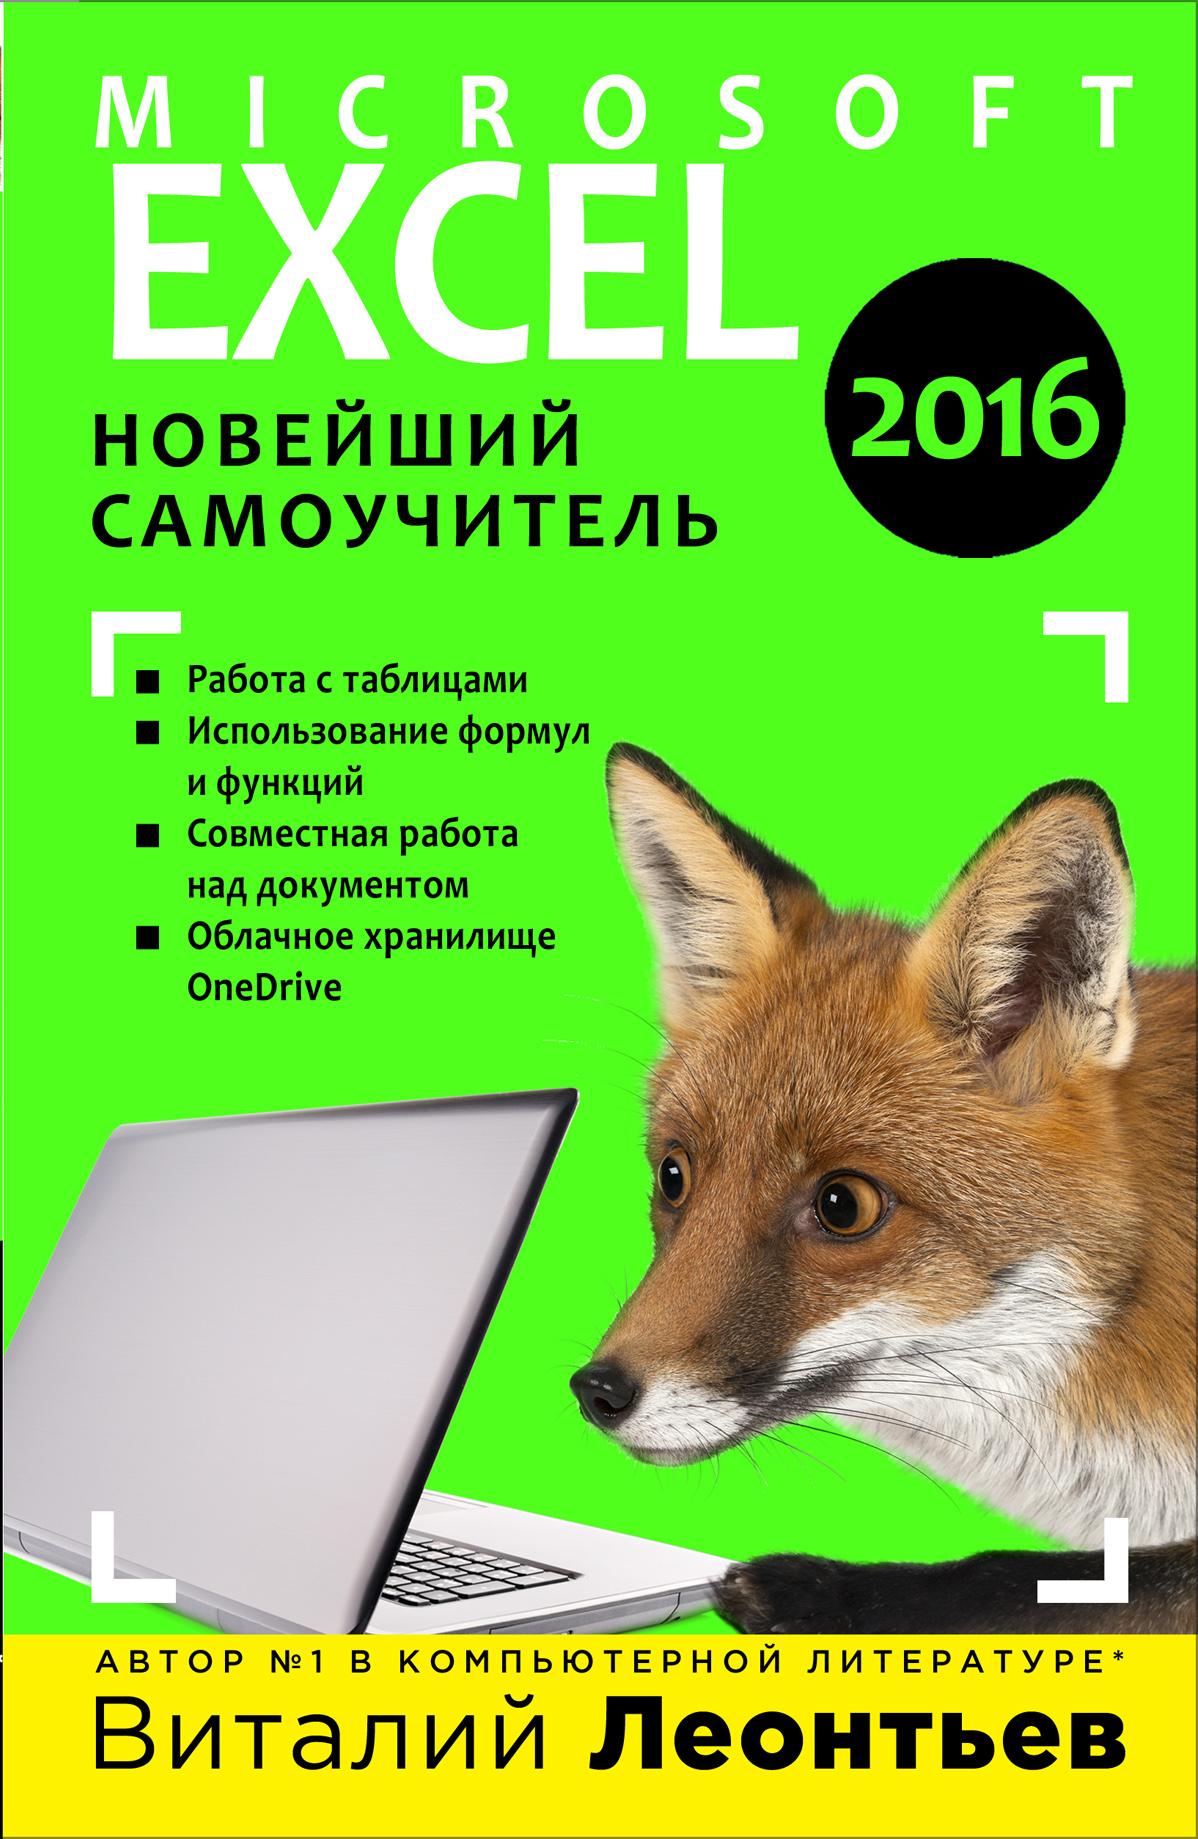 Виталий Леонтьев. Microsoft Excel 2016. Новейший самоучитель